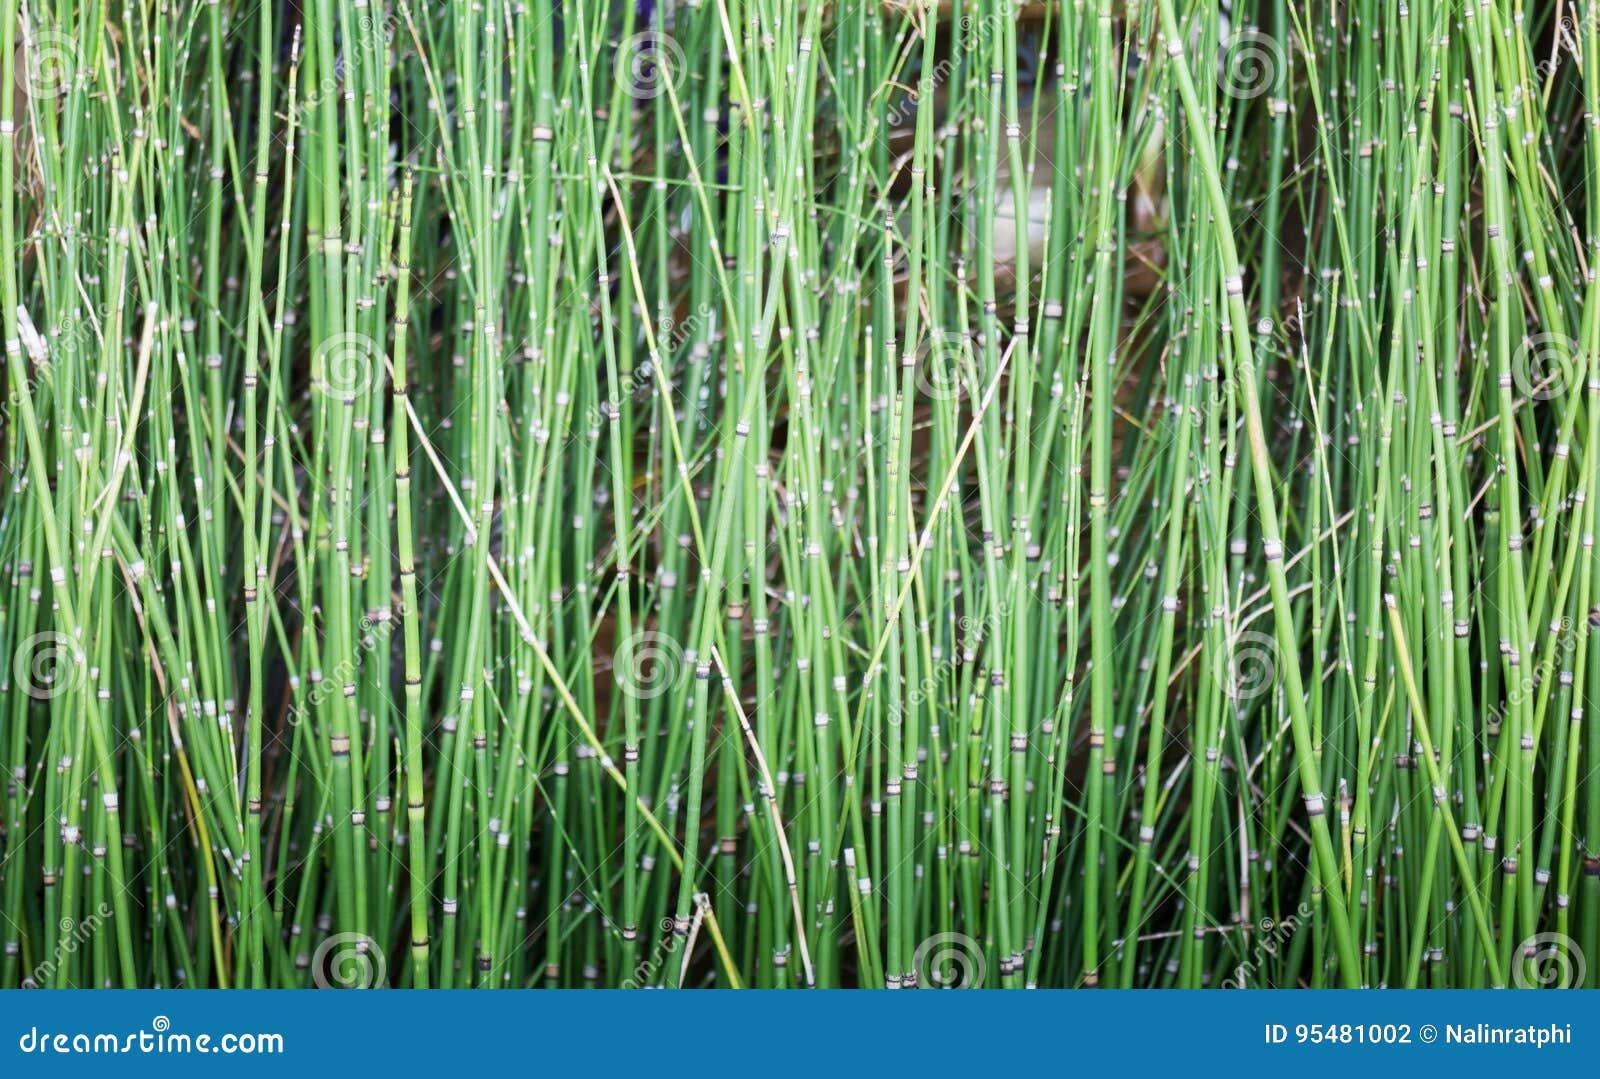 Pośpiech rośliny w ogród wody zbiorniku